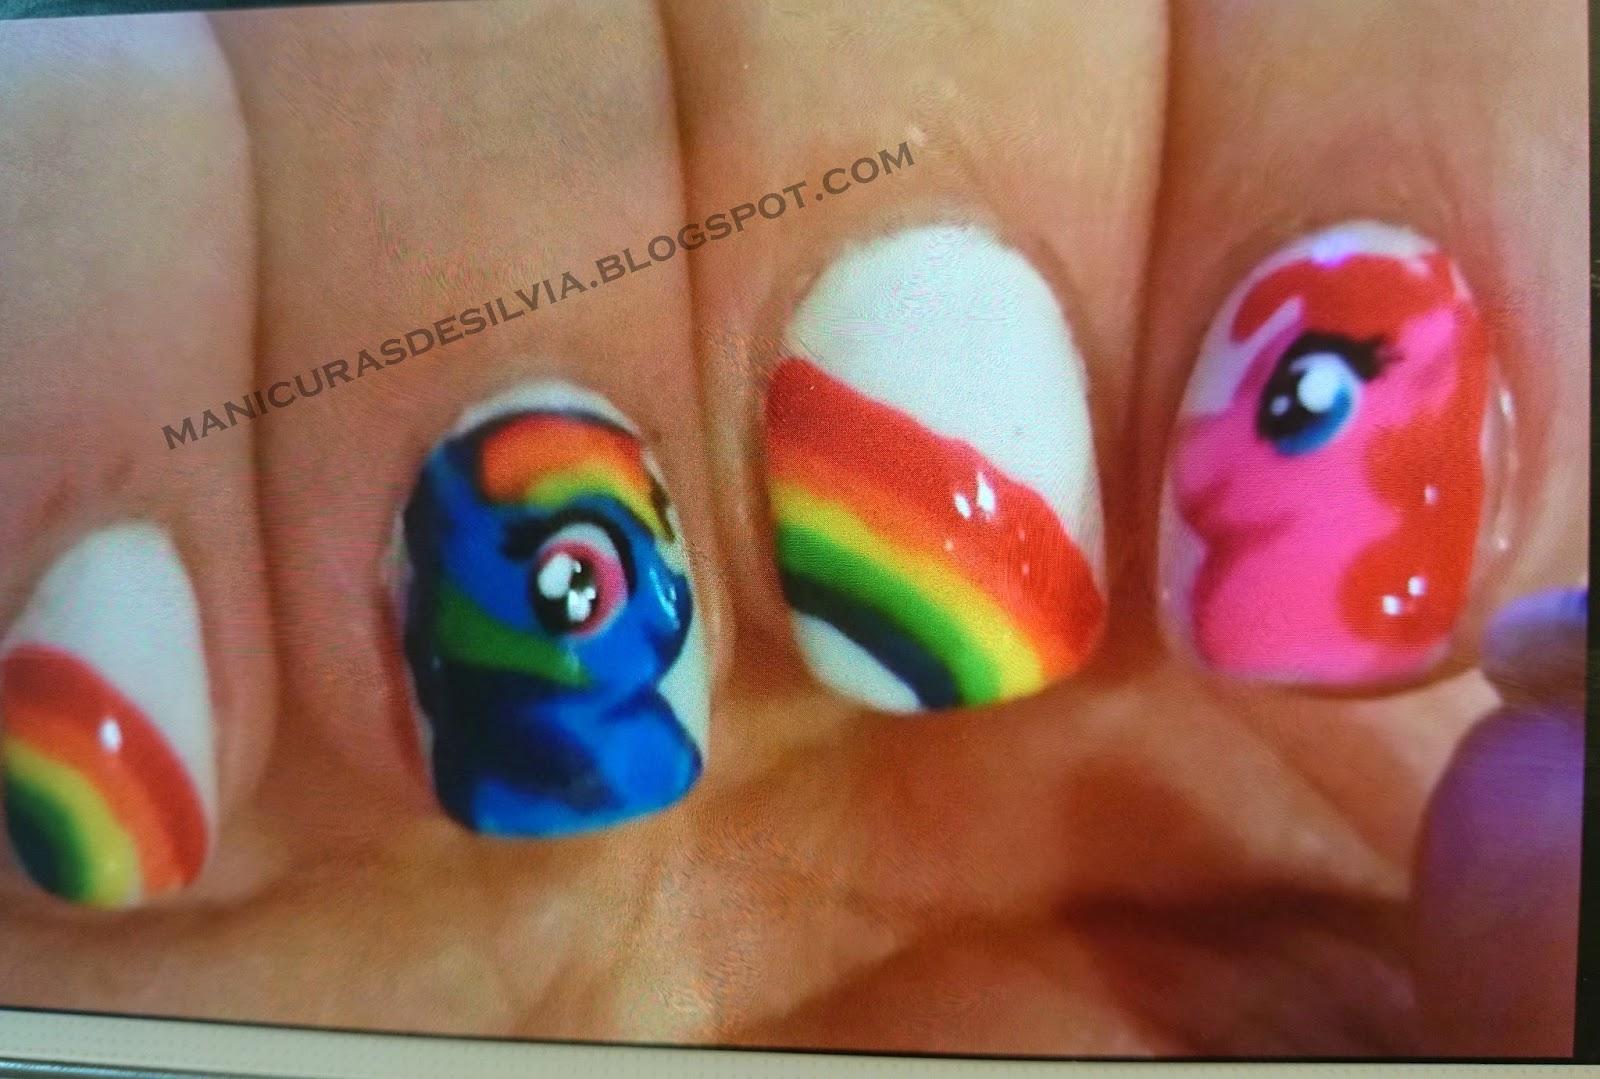 Uñas de My Little Pony (My Little Pony nails)